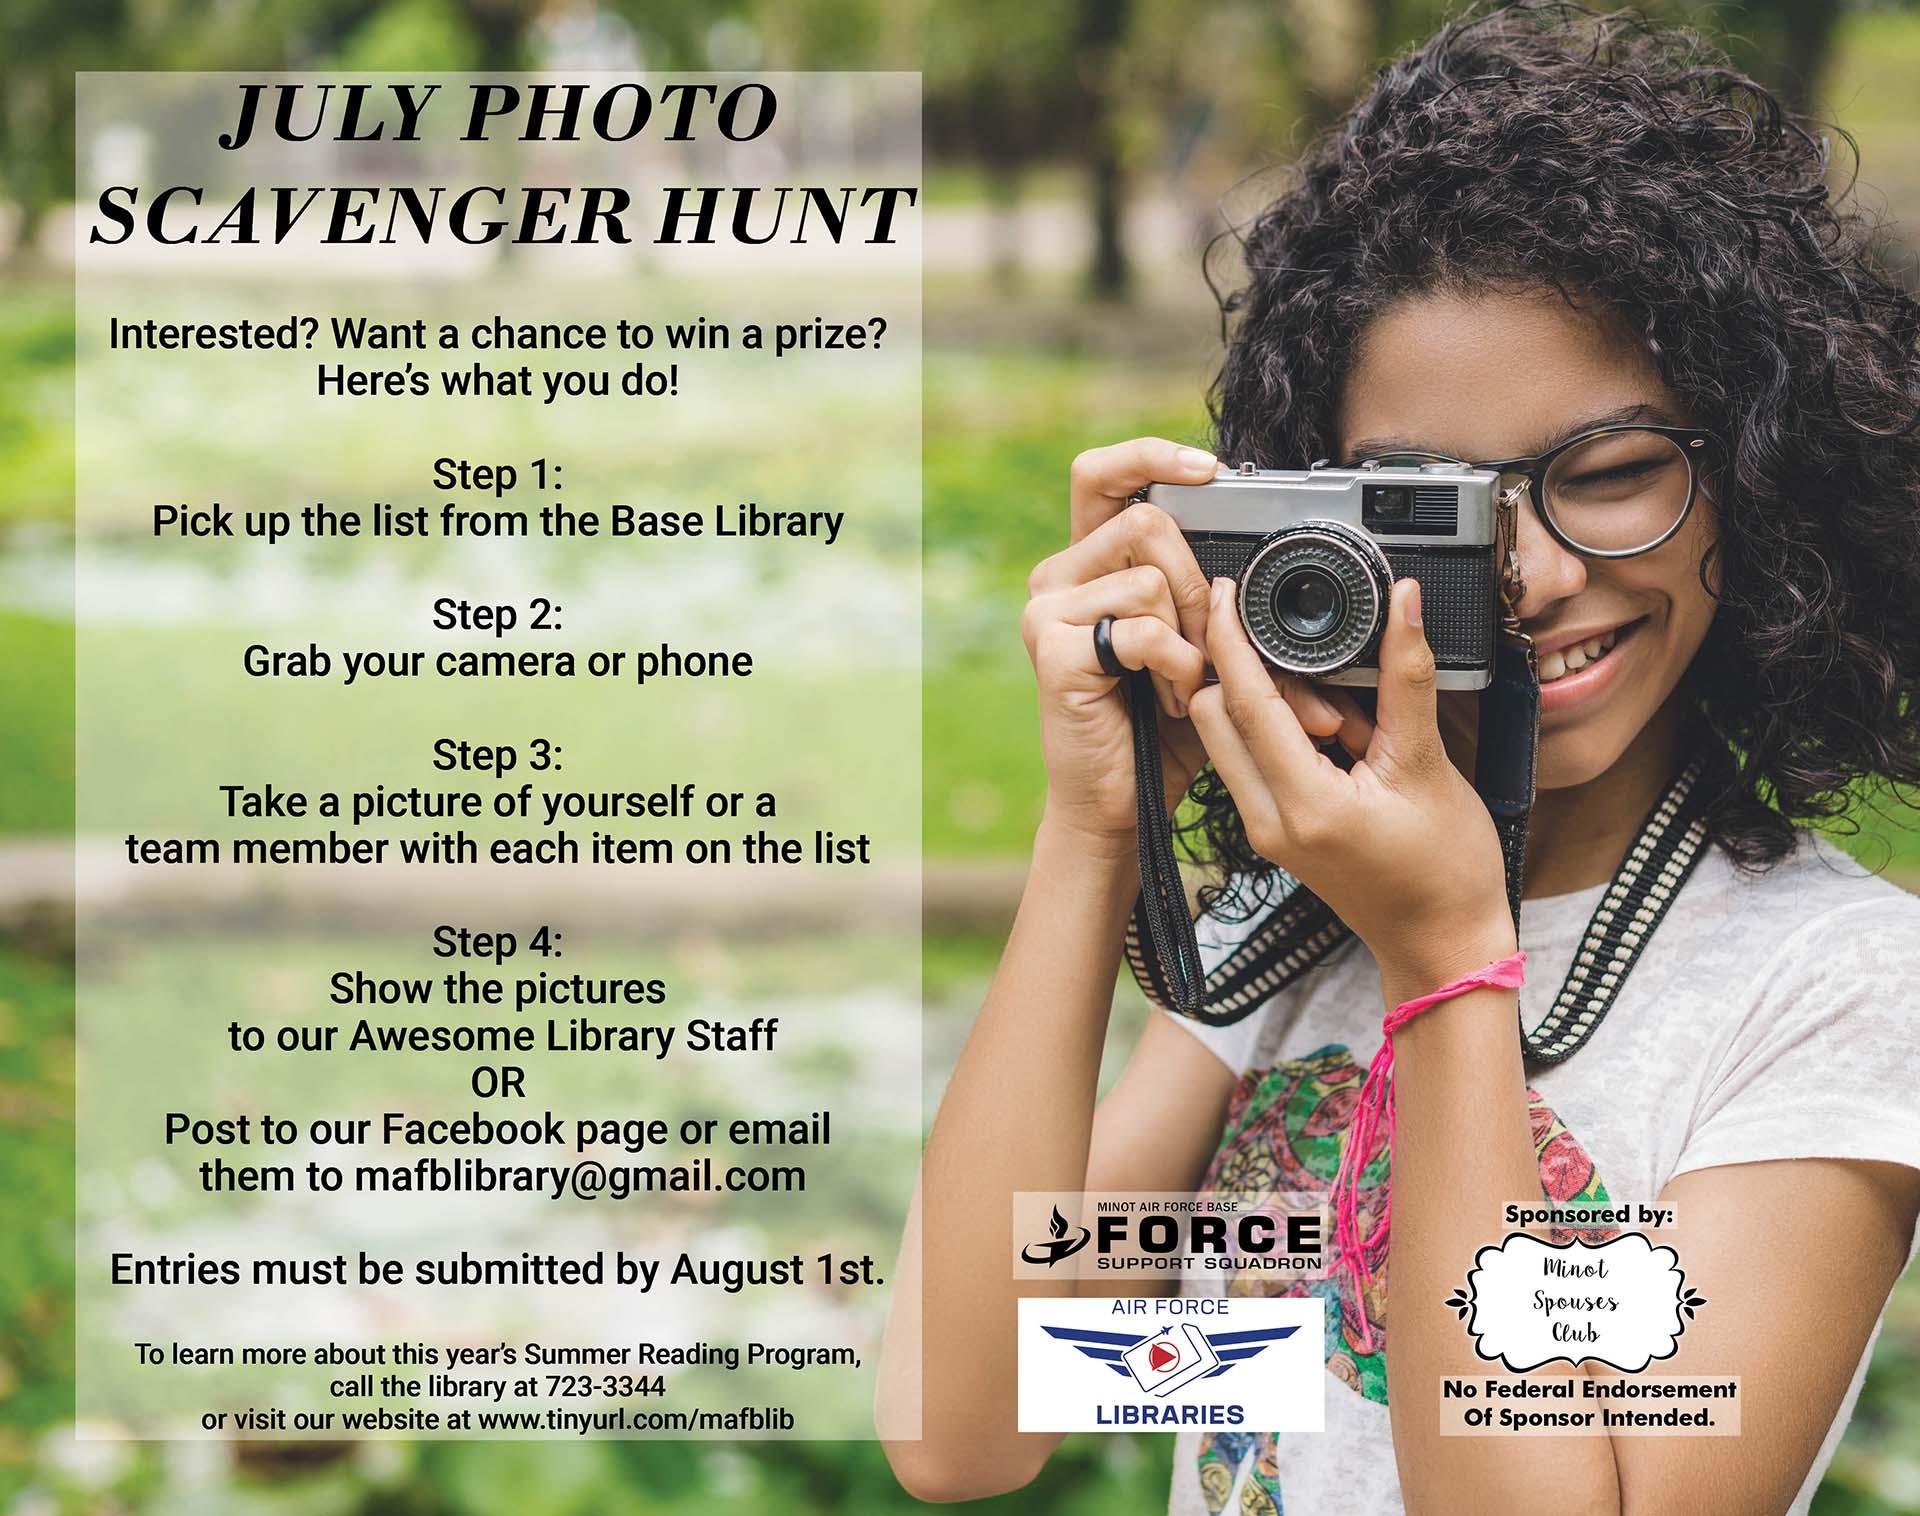 July Photo Scavenger Hunt Begins